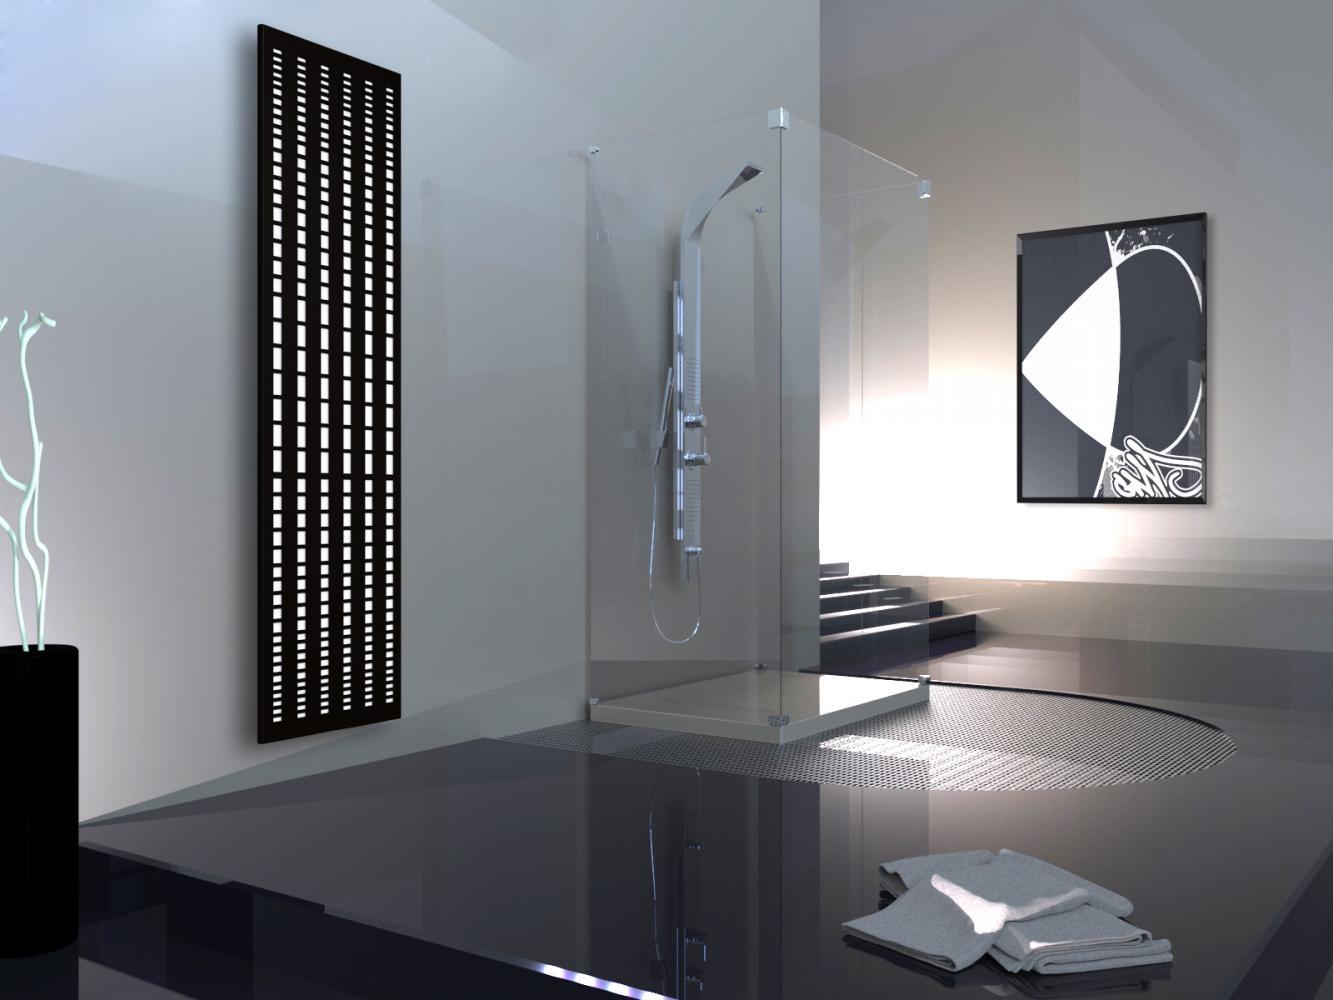 Full Size of Heizkörper Schwarz Schwarze Küche Wohnzimmer Badezimmer Bett 180x200 Bad Für Weiß Schwarzes Elektroheizkörper Wohnzimmer Heizkörper Schwarz